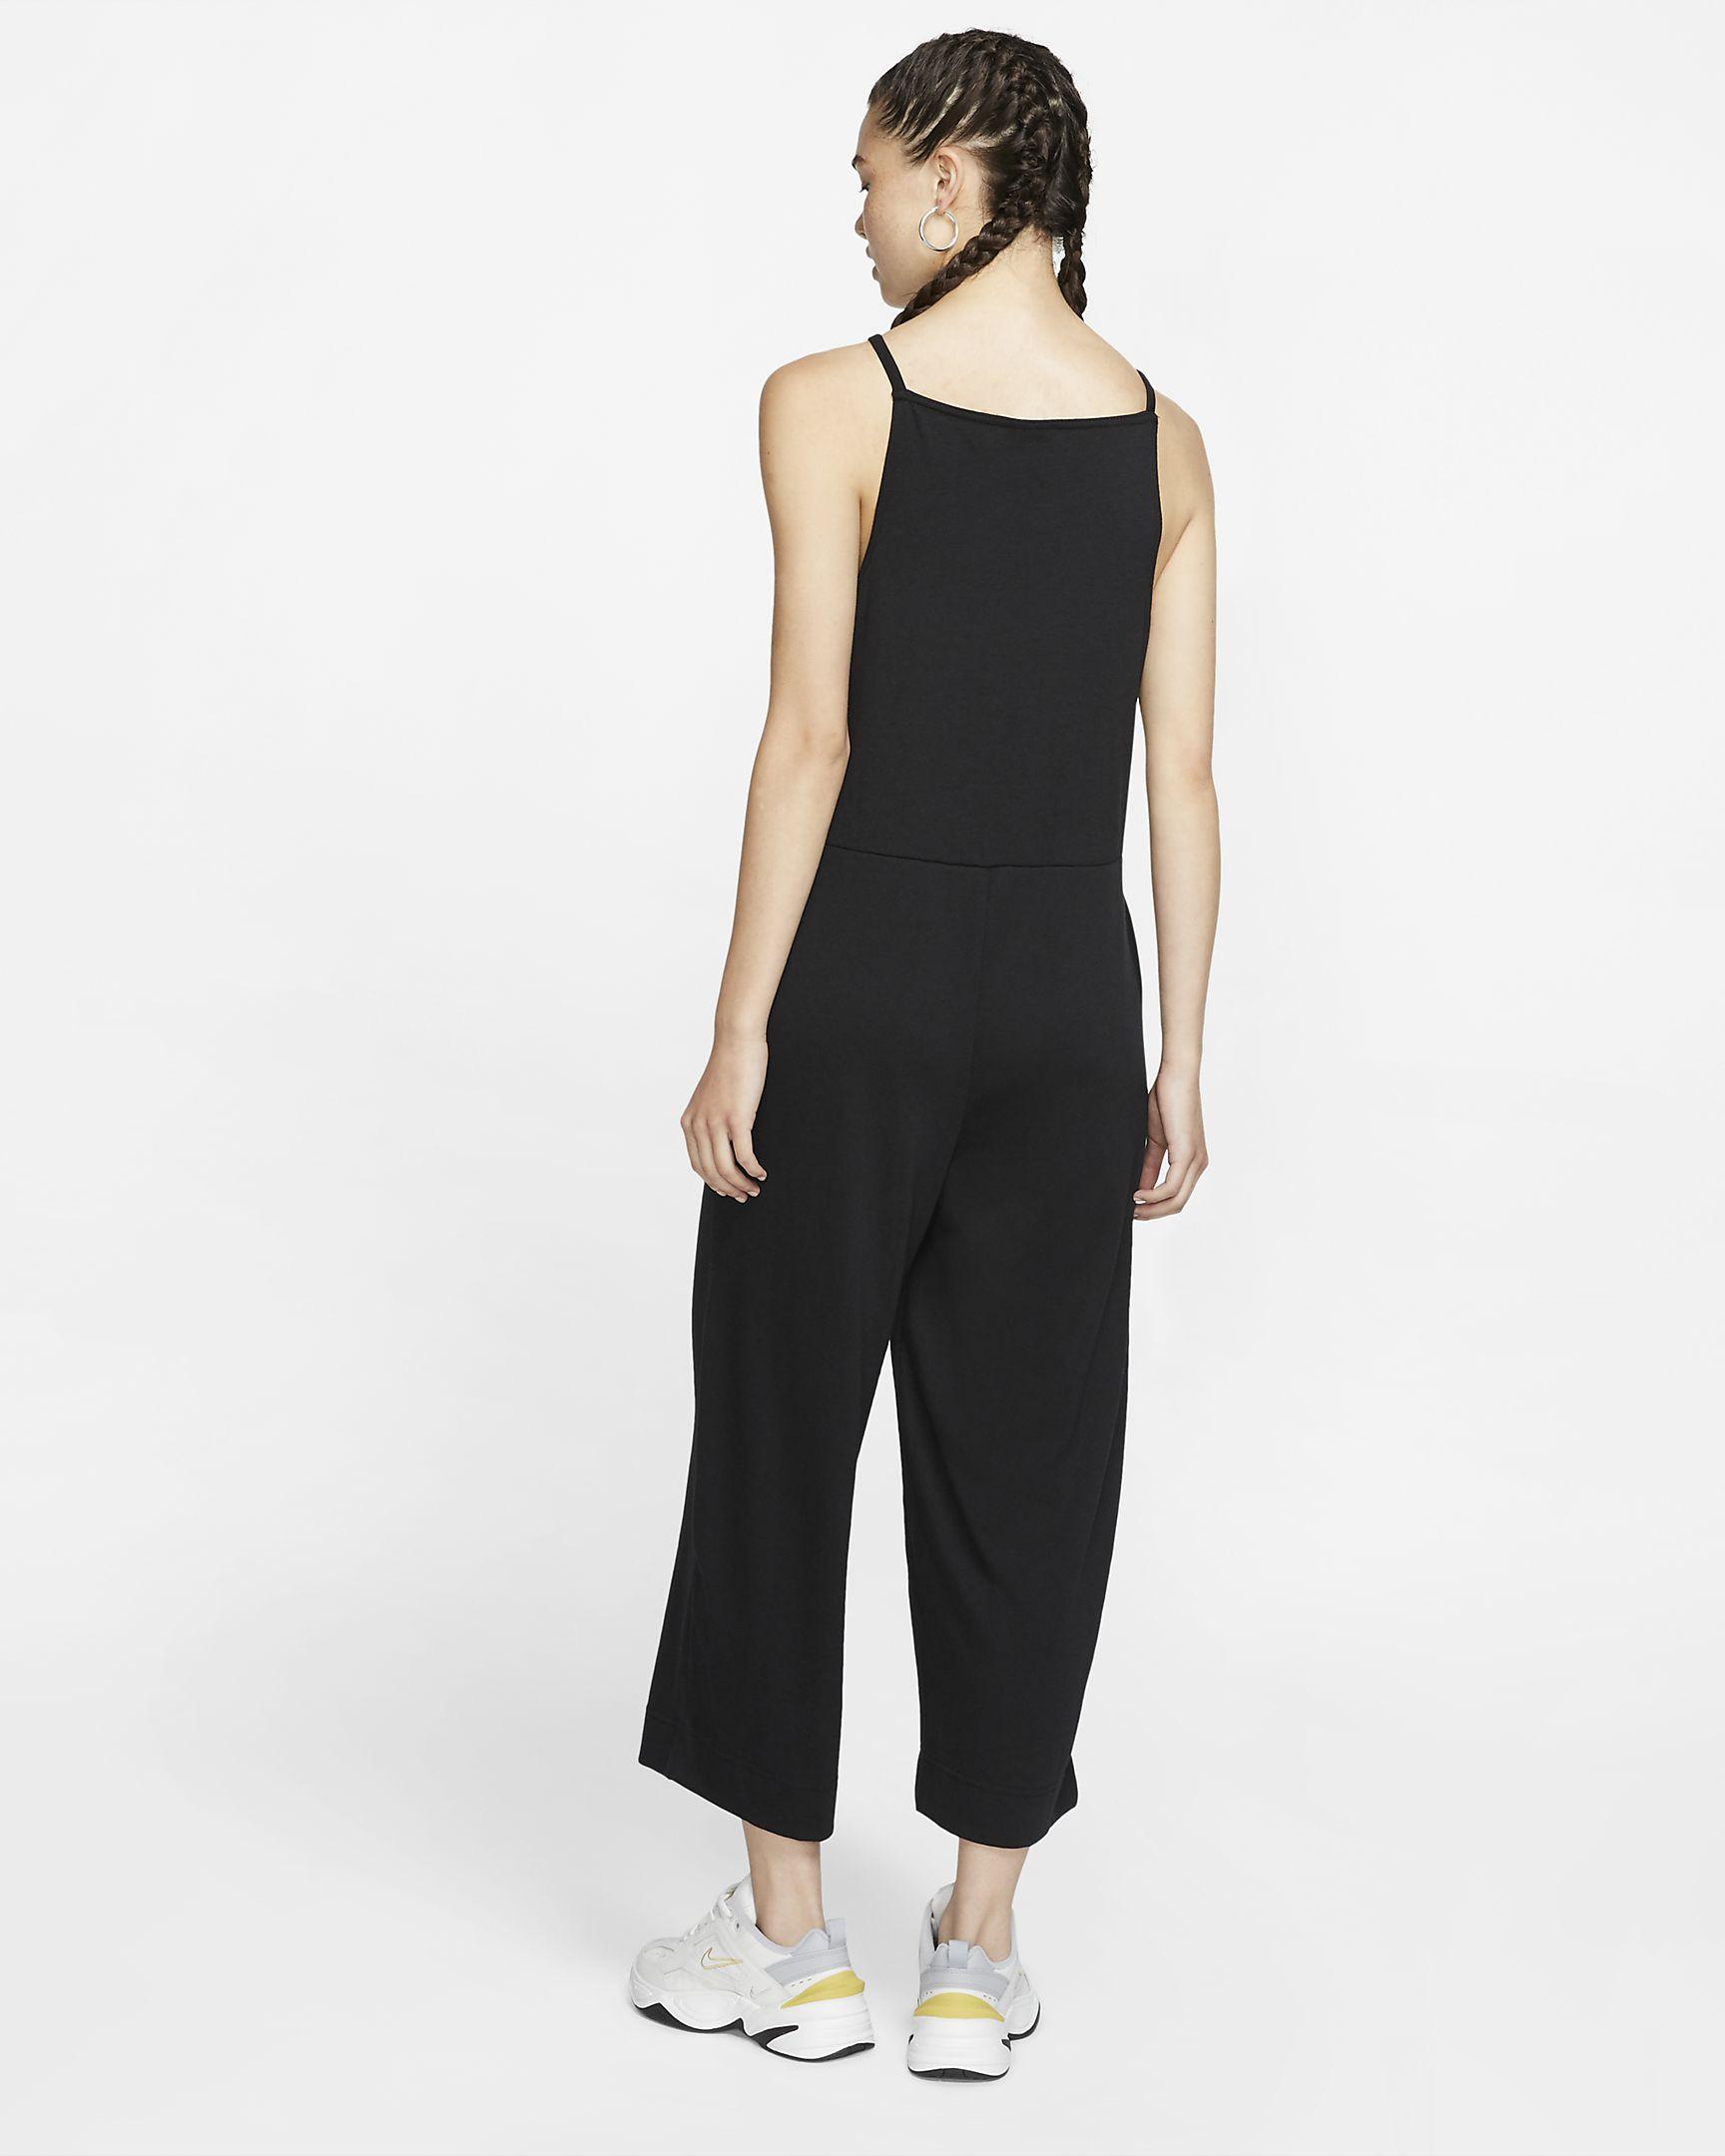 sportswear-womens-jersey-jumpsuit-z4QDX4-1.jpg